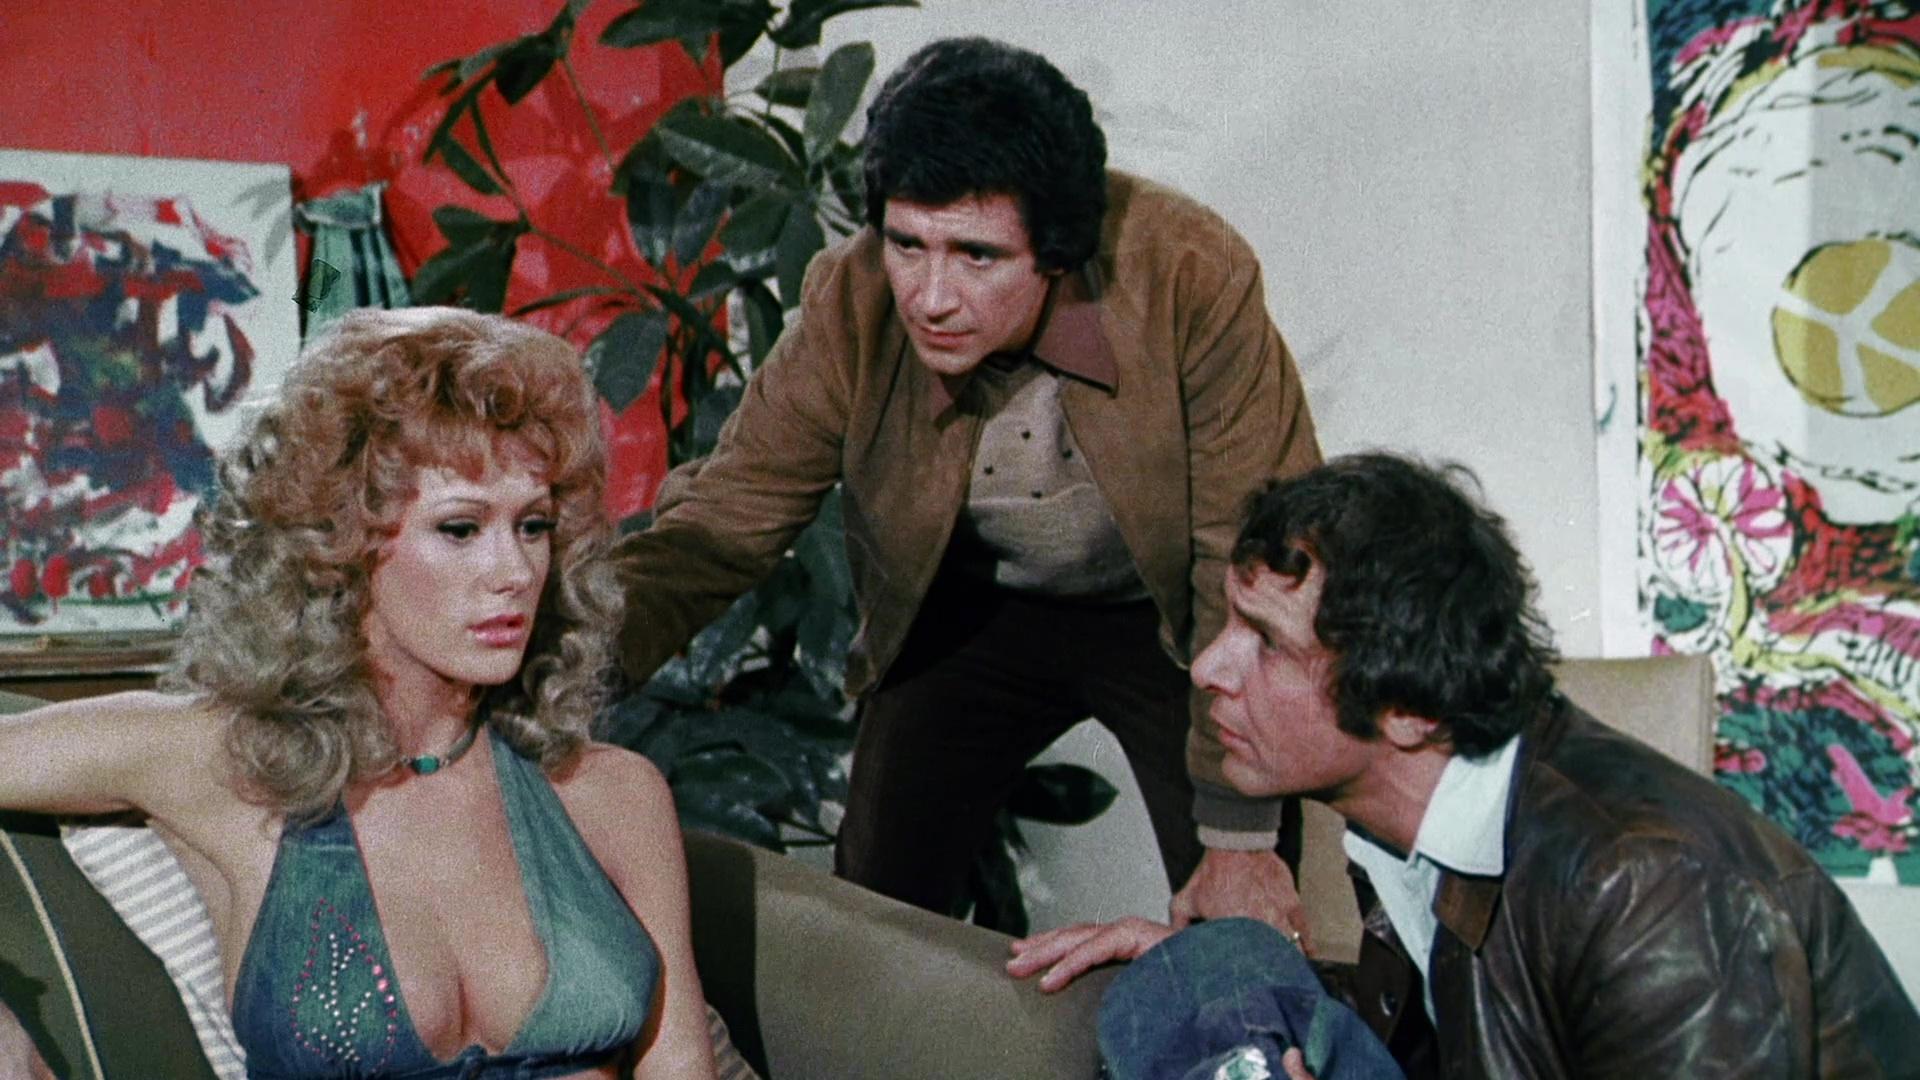 Frank Calcanini, Michael Pataki, and Robyn Hilton in The Last Porno Flick (1974)